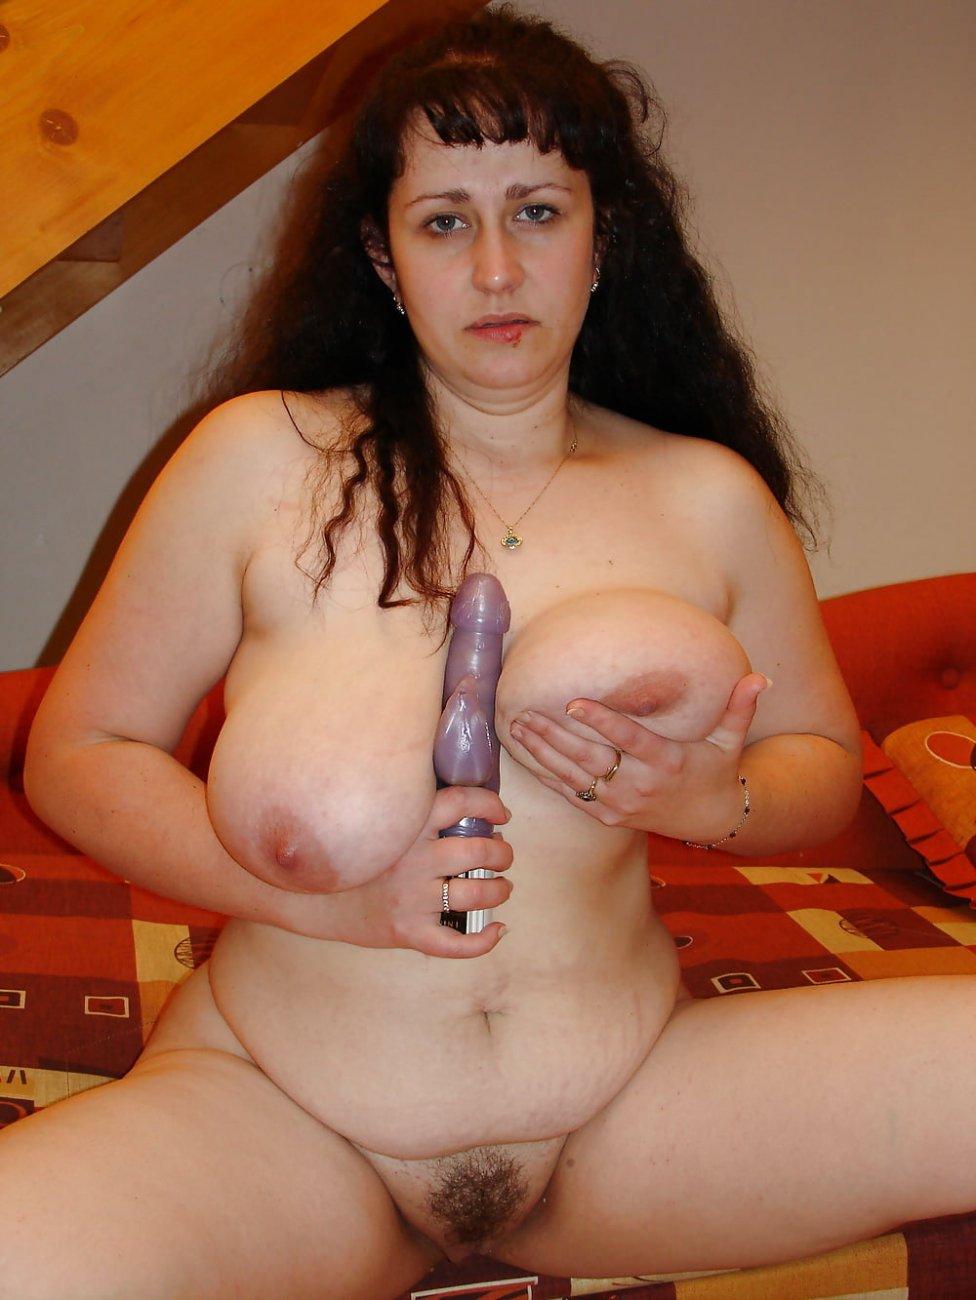 Порно фото с висячими сиськами, порно с лия лув